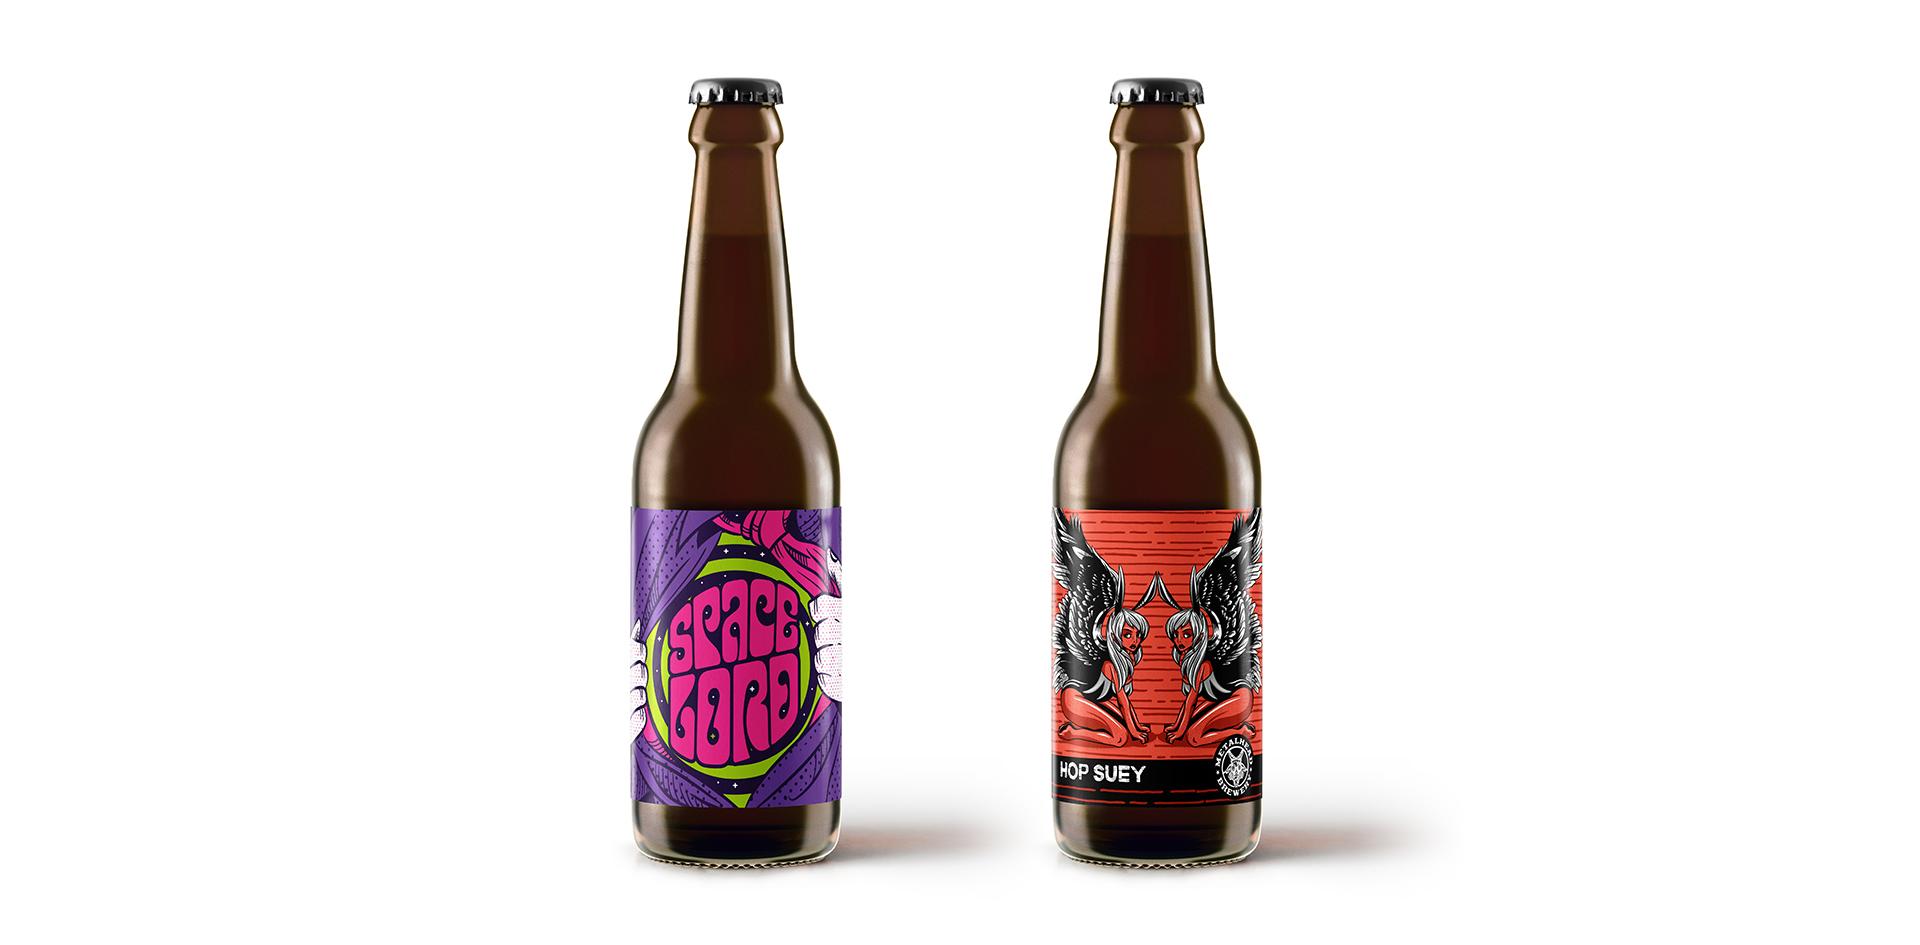 pils-bier-brouwerij-nederland-streekbier-utrecht-metal-brewery-assortiment